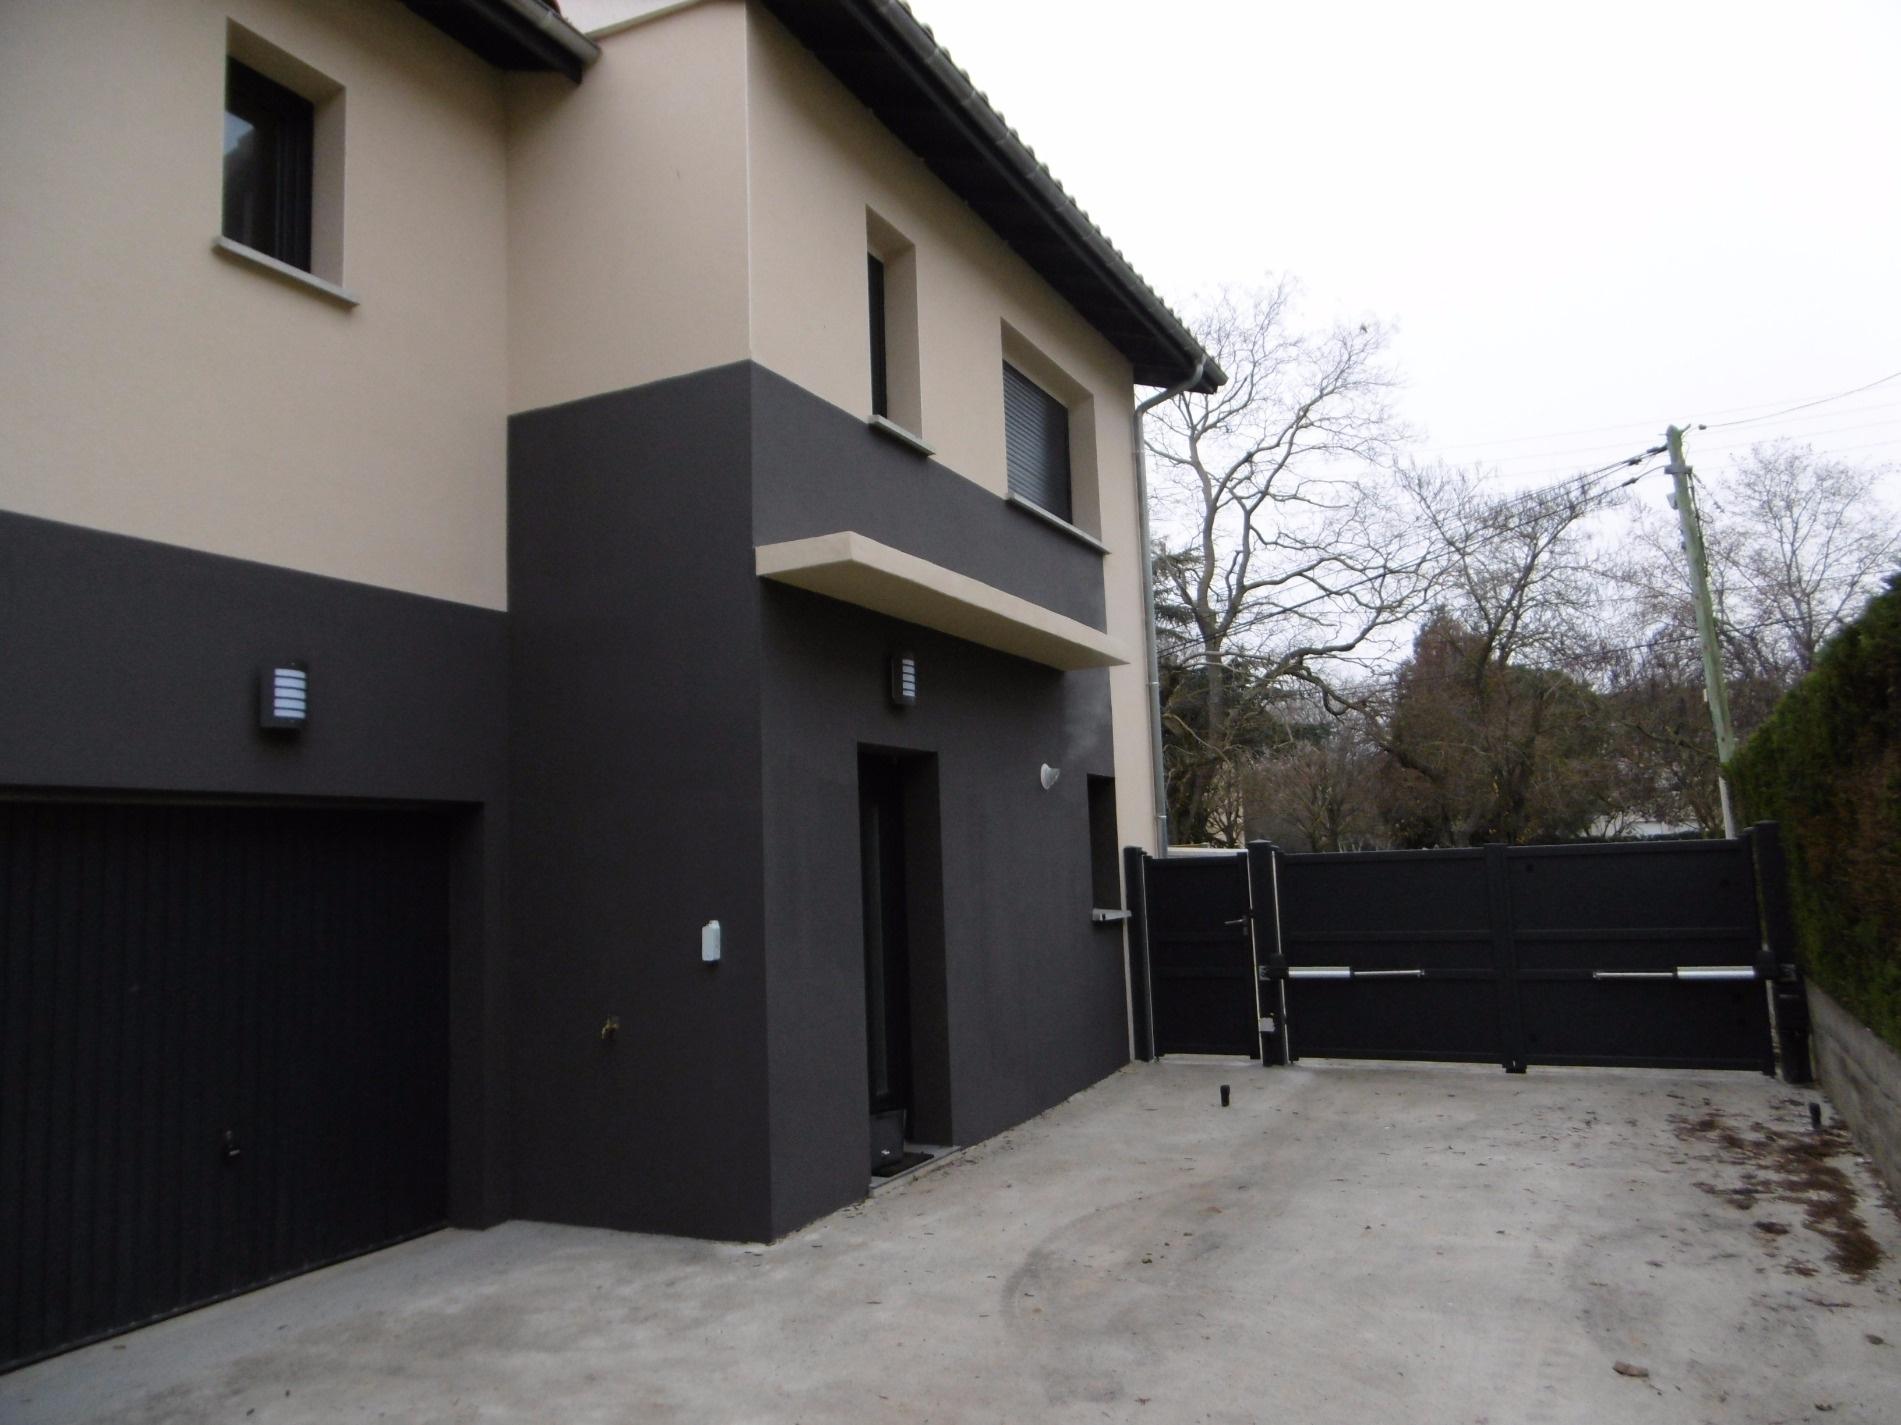 Vente appartement toulouse 31400 maisons et villas for Acheter maison toulouse